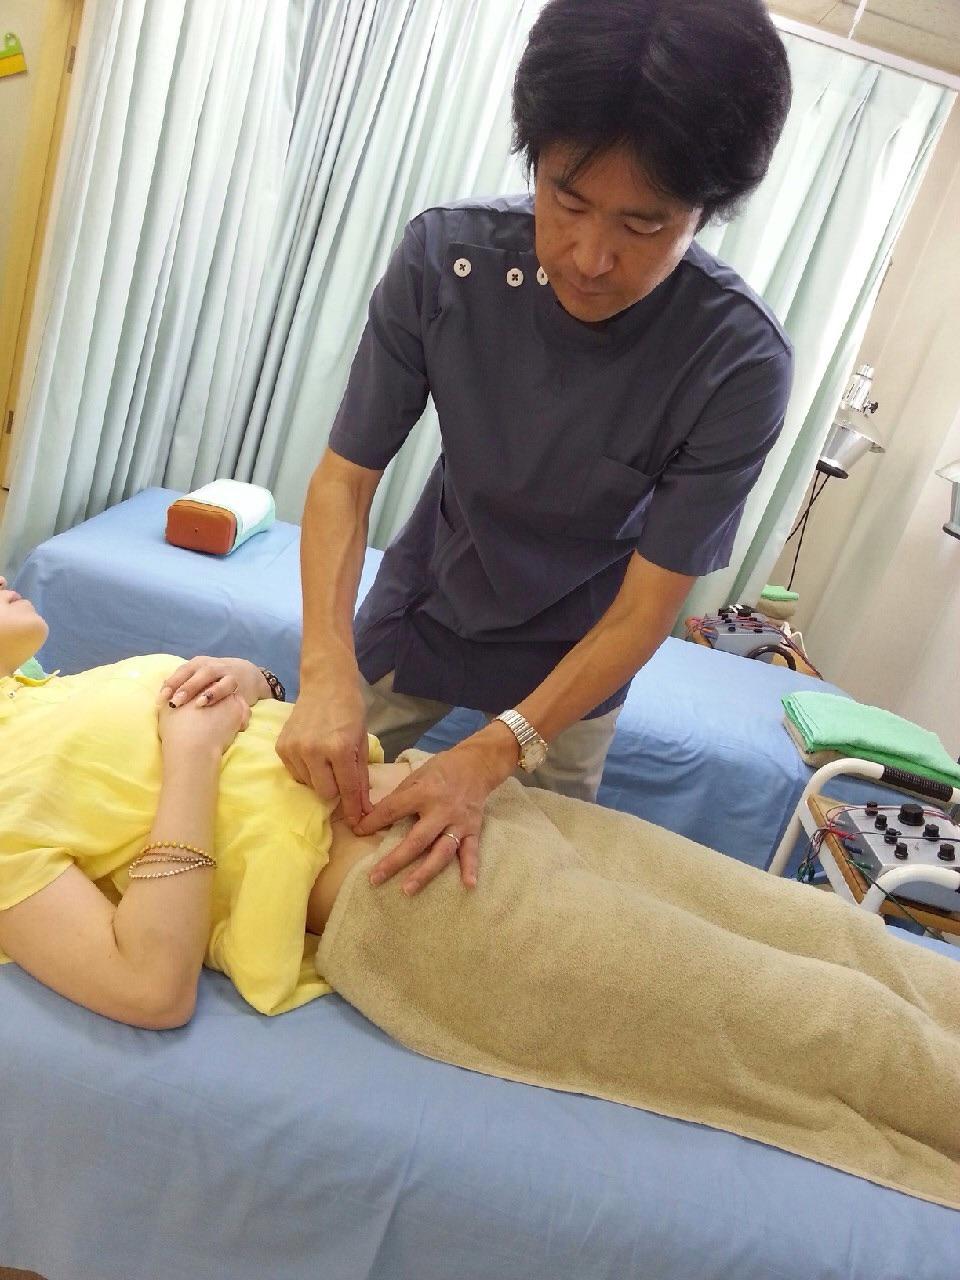 60代の耳ツボダイエット。大阪府河内長野市のRさん67才、50日で6kg成功!